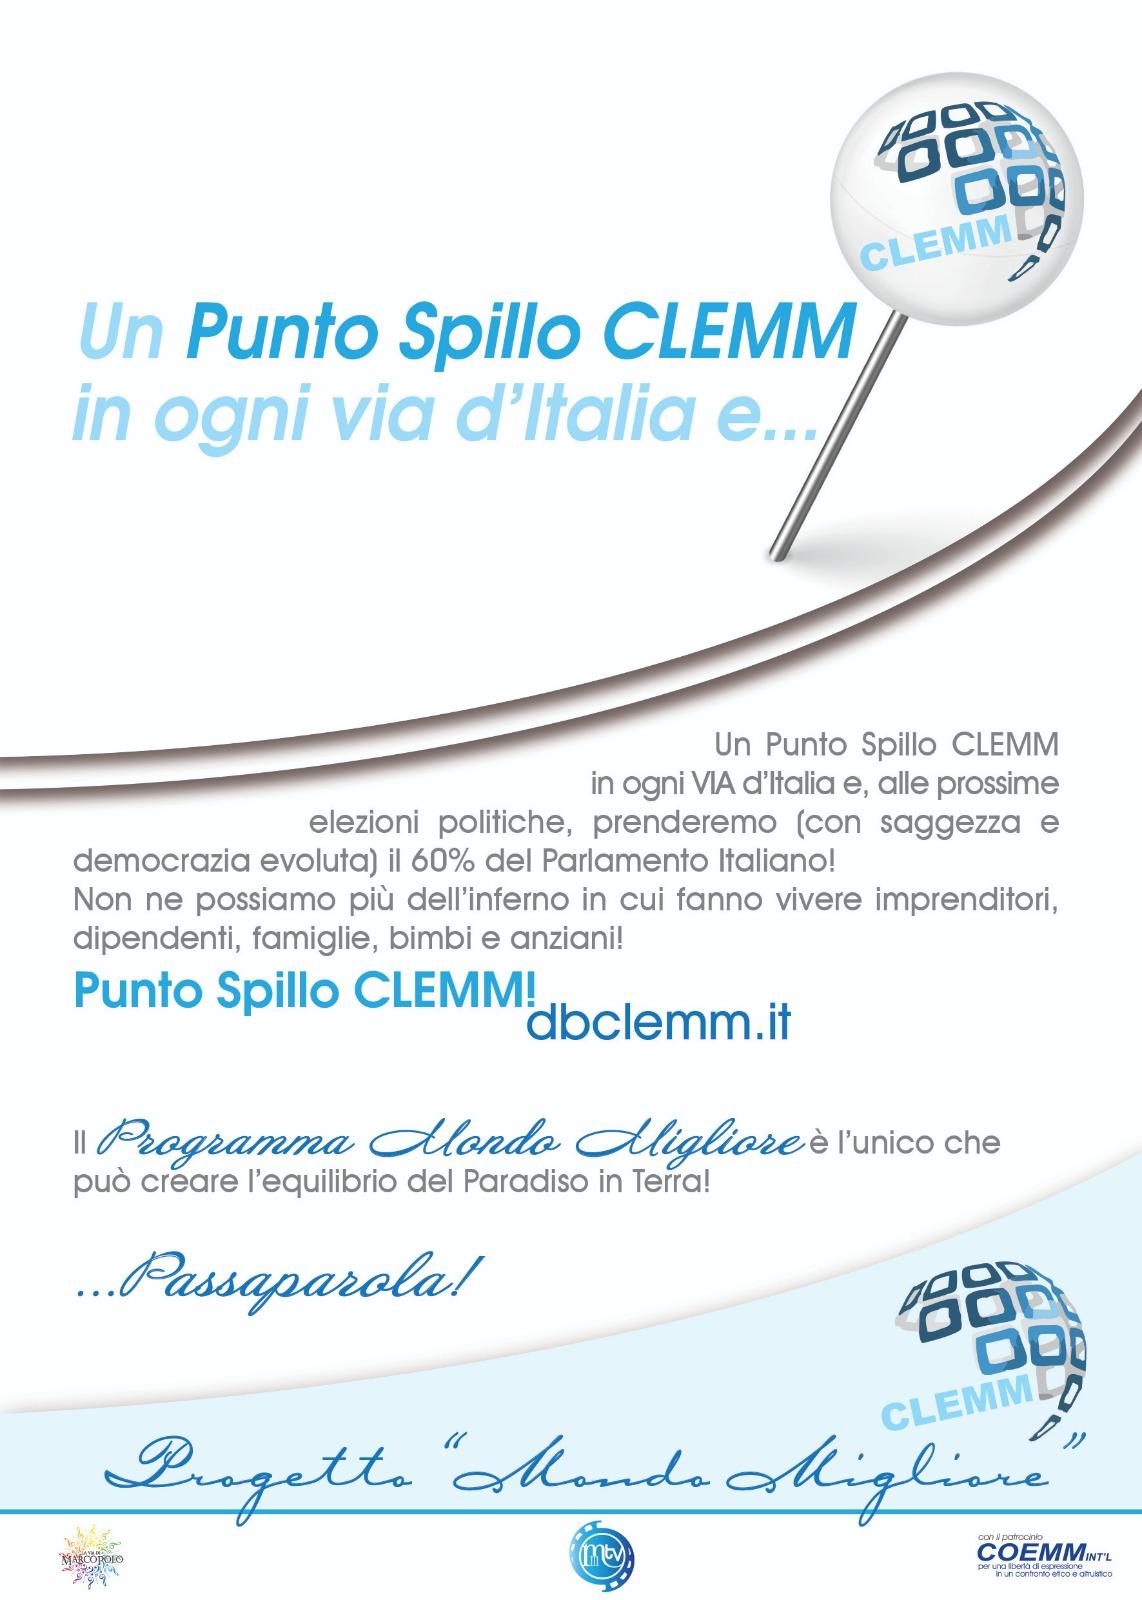 ZTL CLEMM del Venerdì …. 27/11/2020 ore 21:00 Tema: La Banca Centrale del Tempo Compiuto ( BCTC) e le altre Piattaforme del Pianeta COEMM e CLEMM!